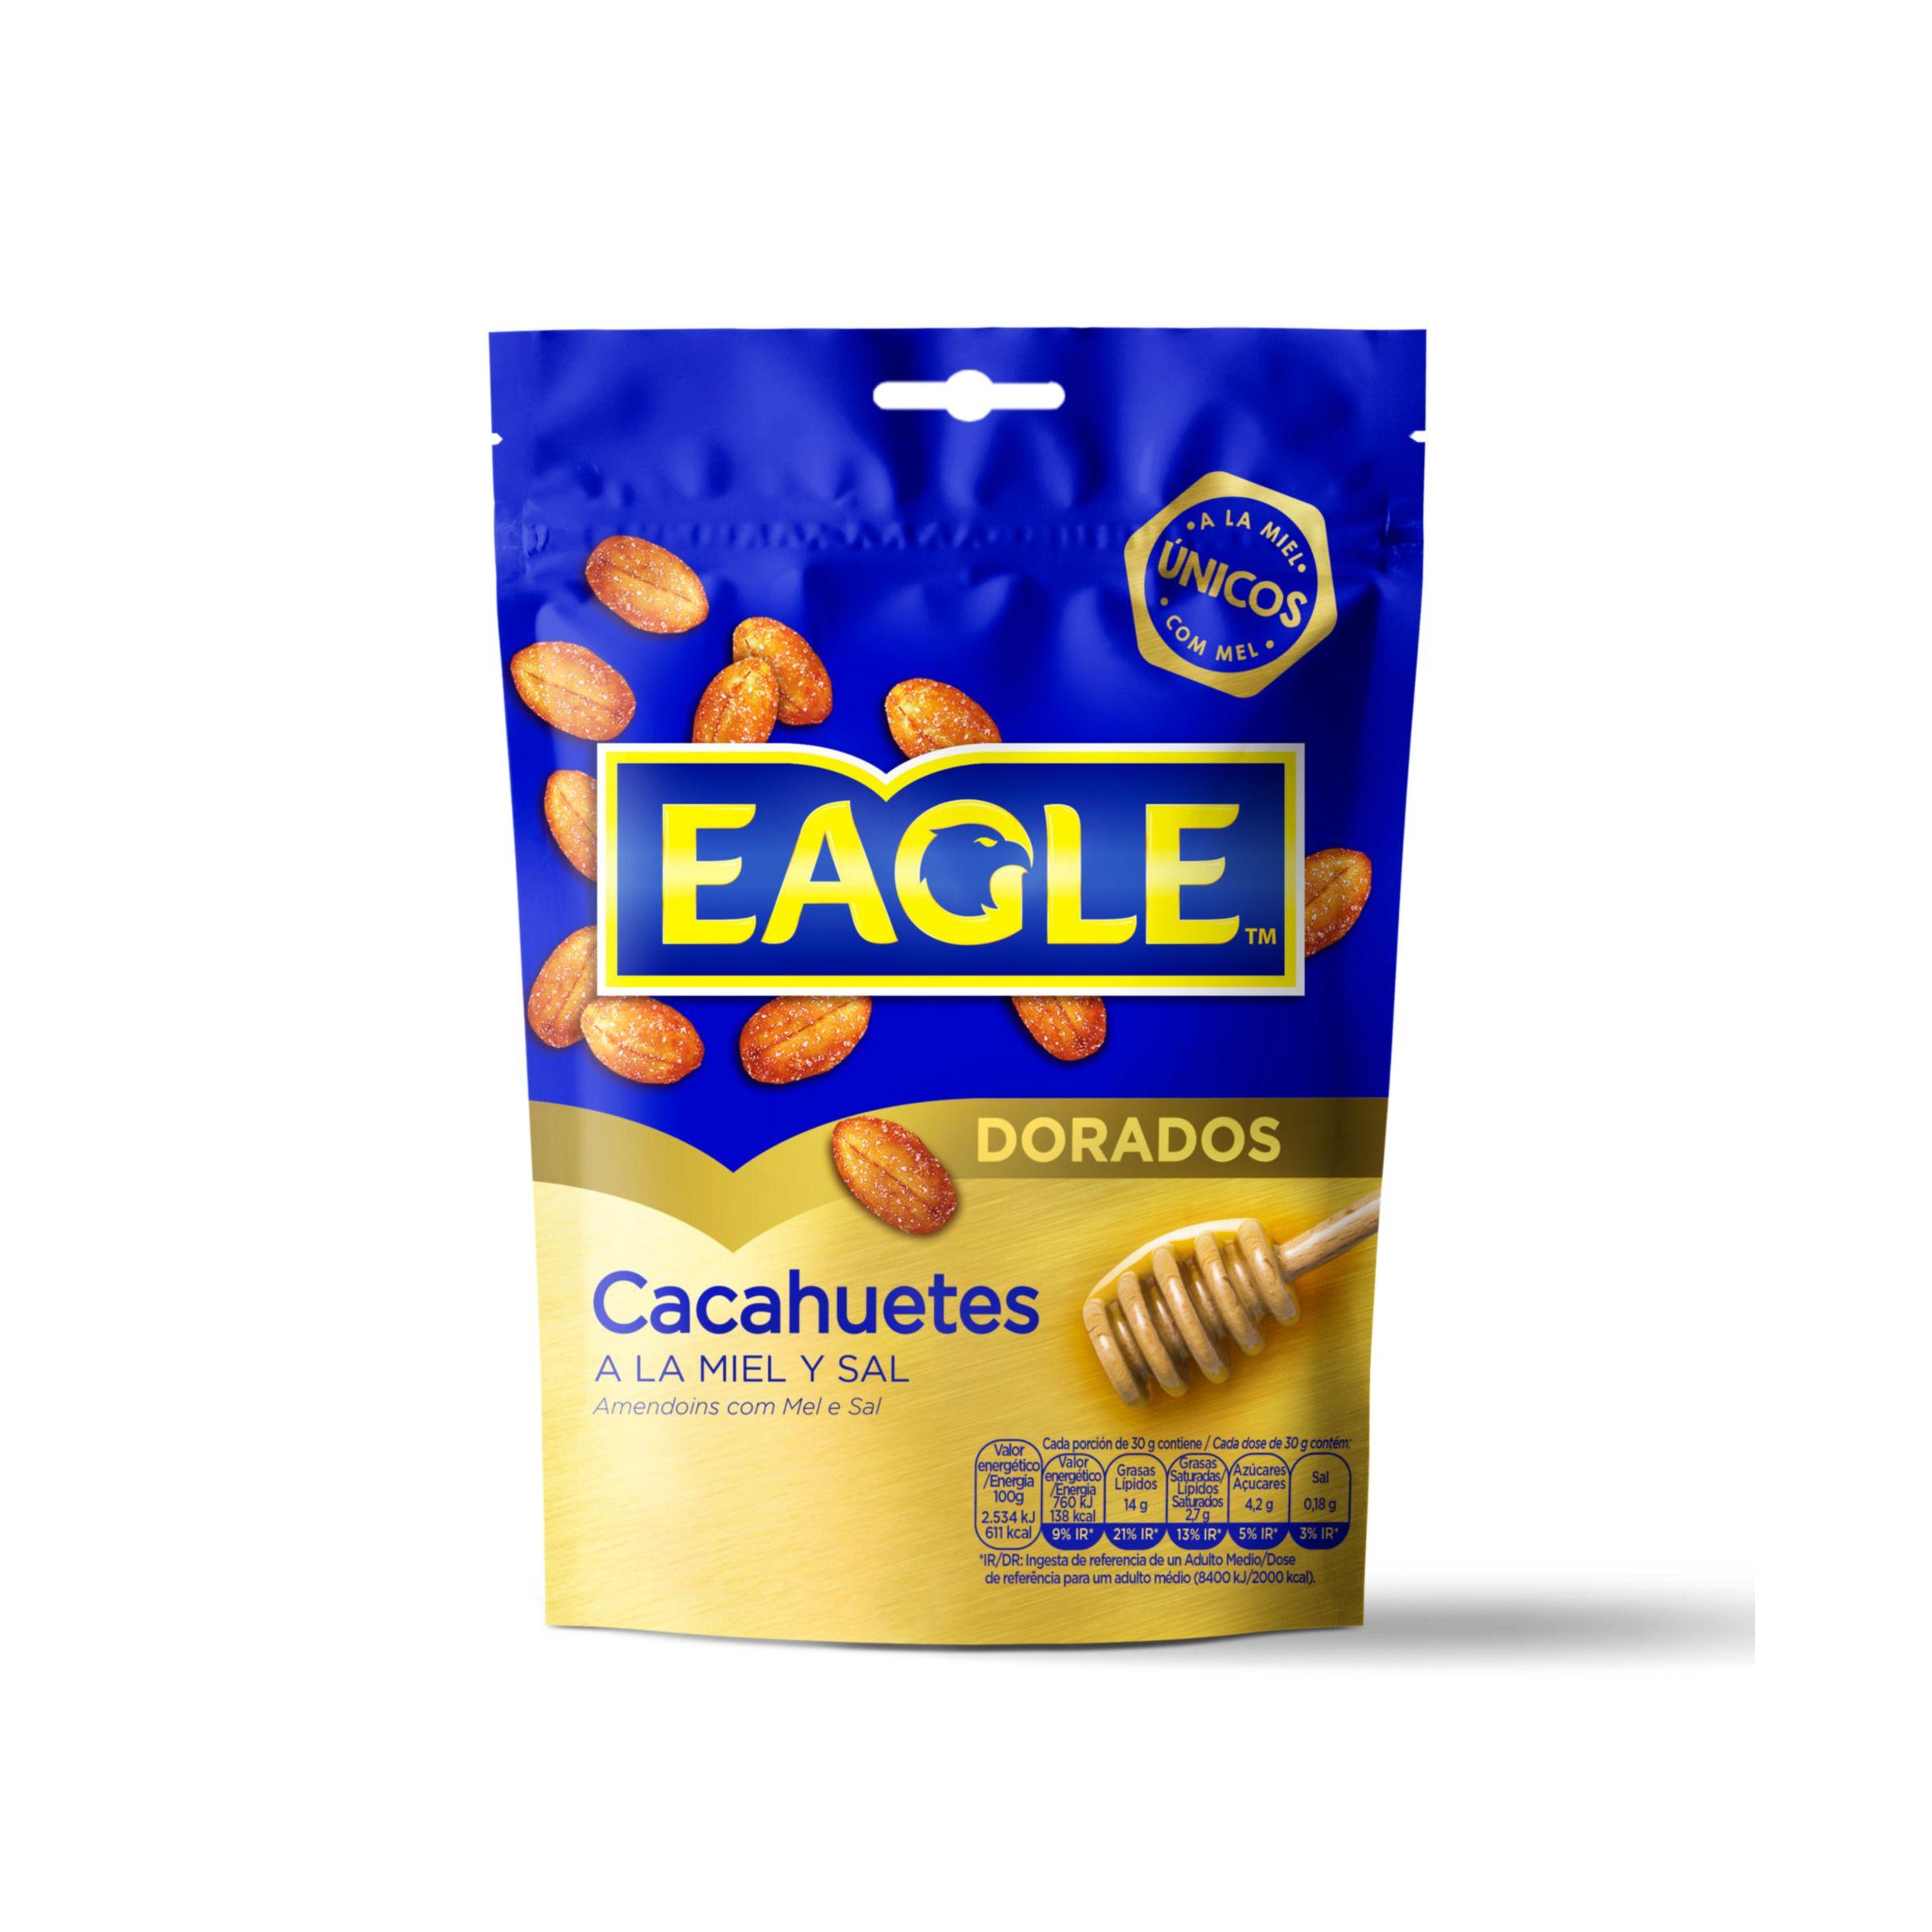 EAGLE cacahuete frito con miel y sal bolsa 75 gr